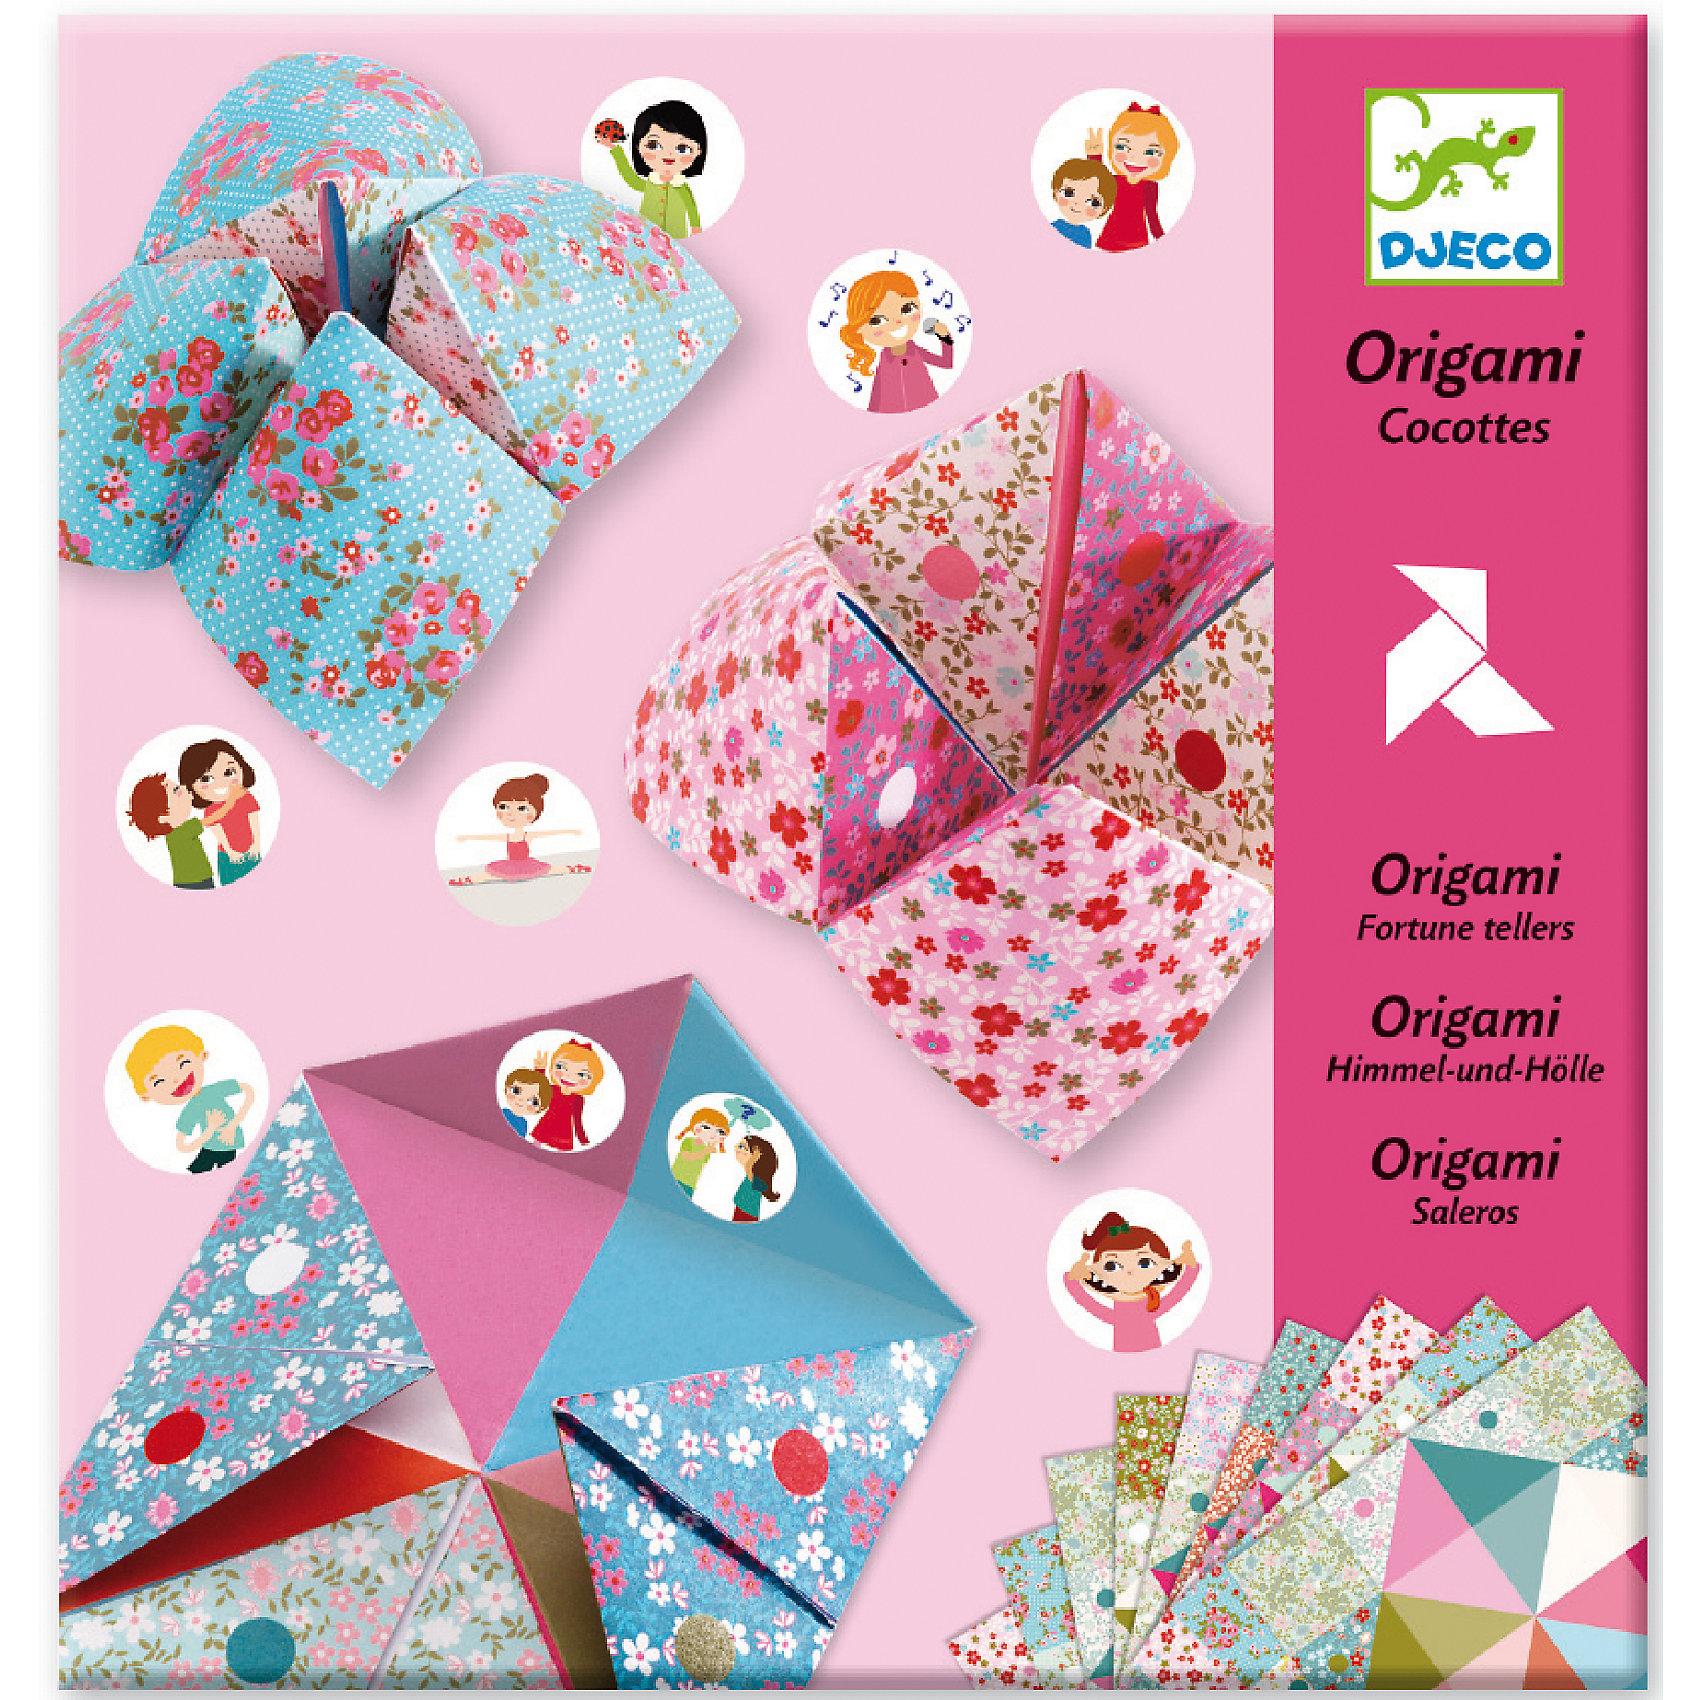 Оригами с фантамиБумага<br>Творческий набор оригами с фантами – это не только классическое творческое занятие, но и увлекательное и веселое времяпрепровождение для девочек. Сложив конвертики из декоративной разноцветной бумаги без использования ножниц и клея, и наклеив на внутреннюю сторону наклейки с изображениями различных действий, можно поиграть в фанты со своими подружками. С помощью красочной инструкции ребенок может сложить 6 различных птиц. Занятие оригами развивает моторику рук, творческое и пространственное мышление. В комплекте: 24 листа бумаги для оригами, 3 листа наклеек. Для детей 6-11 лет. Размер упаковки: 22 х 23 см.<br><br>Оригами с фантами можно купить в нашем магазине.<br><br>Ширина мм: 220<br>Глубина мм: 230<br>Высота мм: 10<br>Вес г: 190<br>Возраст от месяцев: 72<br>Возраст до месяцев: 132<br>Пол: Женский<br>Возраст: Детский<br>SKU: 4783850